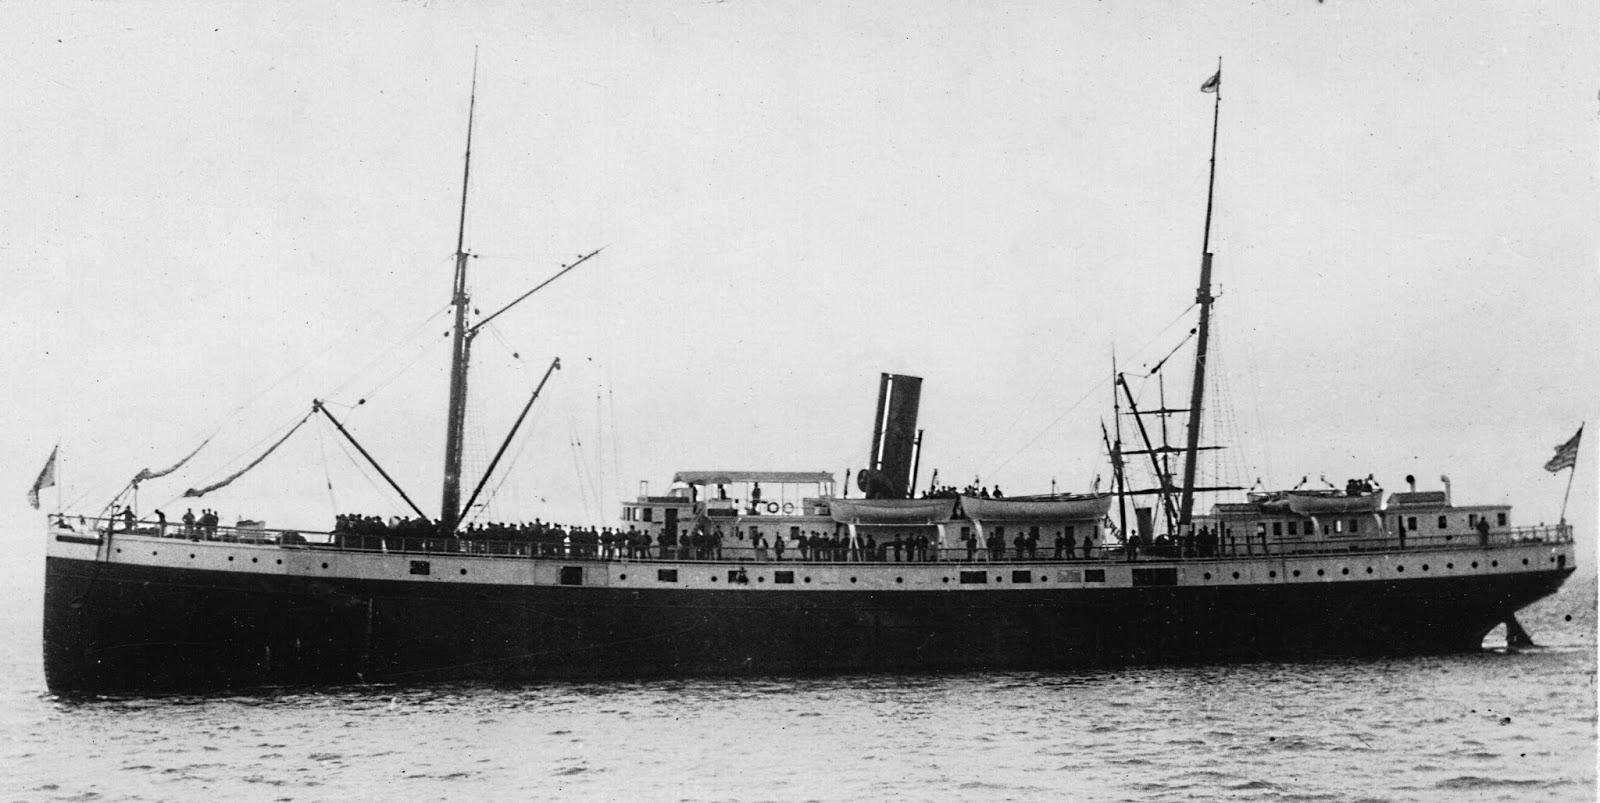 SS_Valencia_Photograph 2 jpg alquiler de barcos